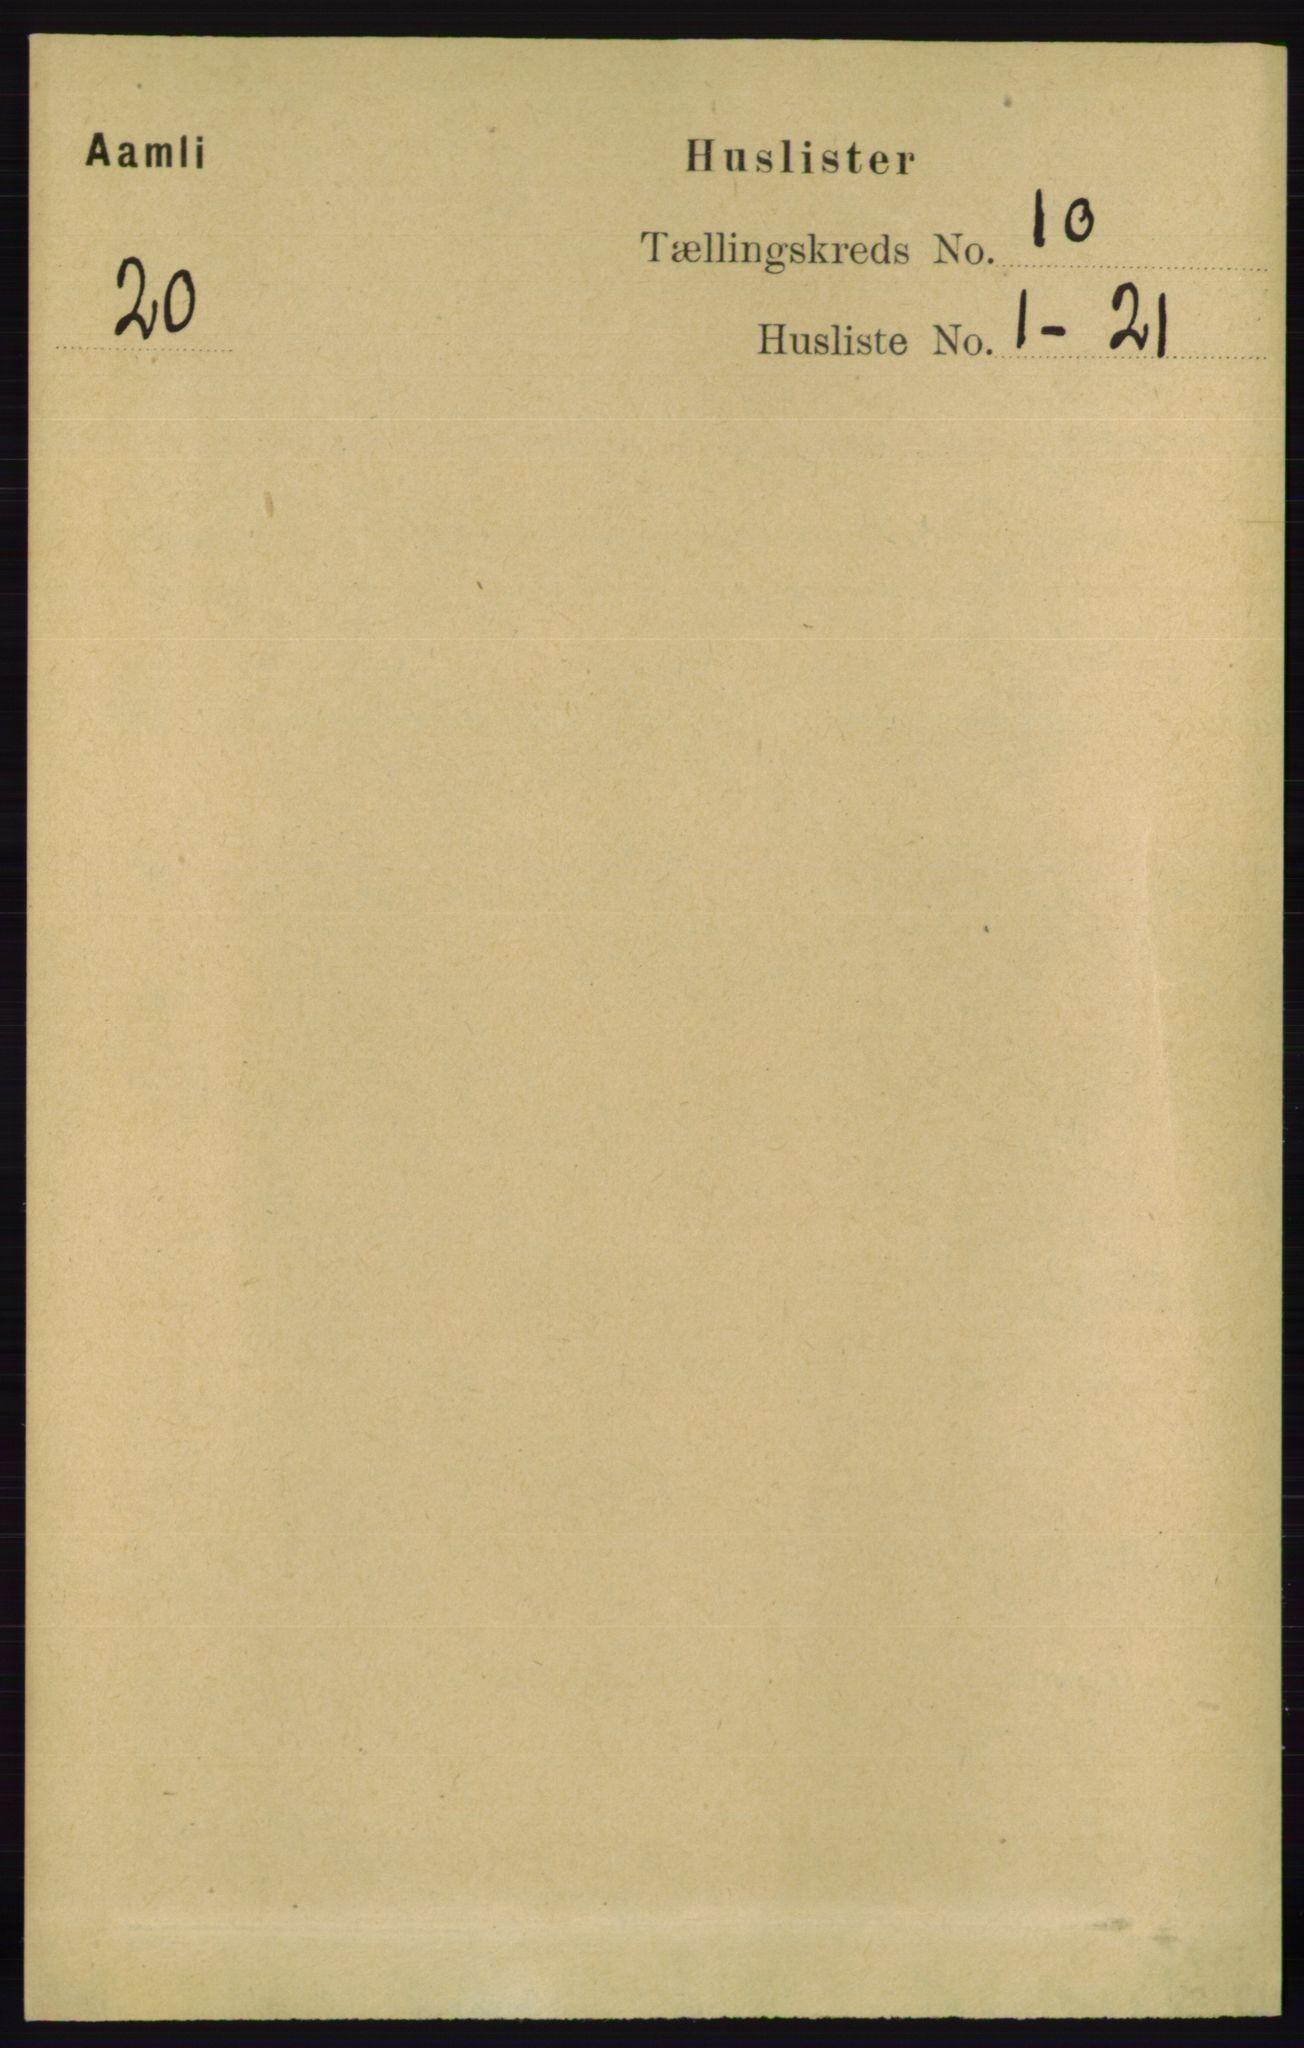 RA, Folketelling 1891 for 0929 Åmli herred, 1891, s. 1644